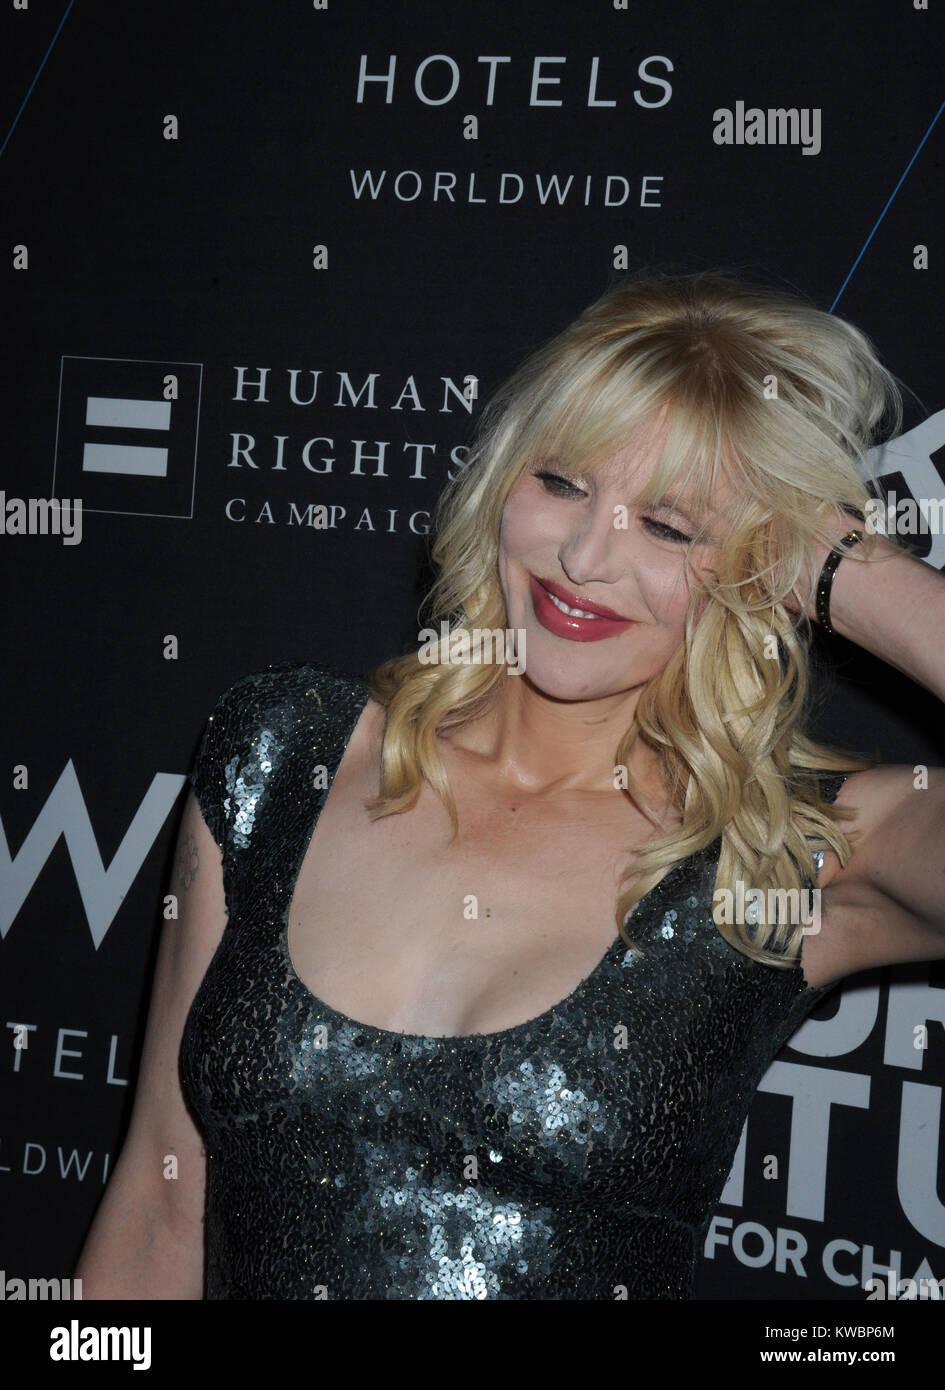 NEW YORK, NY - 21 OCTOBRE: Courtney Love assiste à la W's 'Turn It Up pour le Changement' Photo Stock